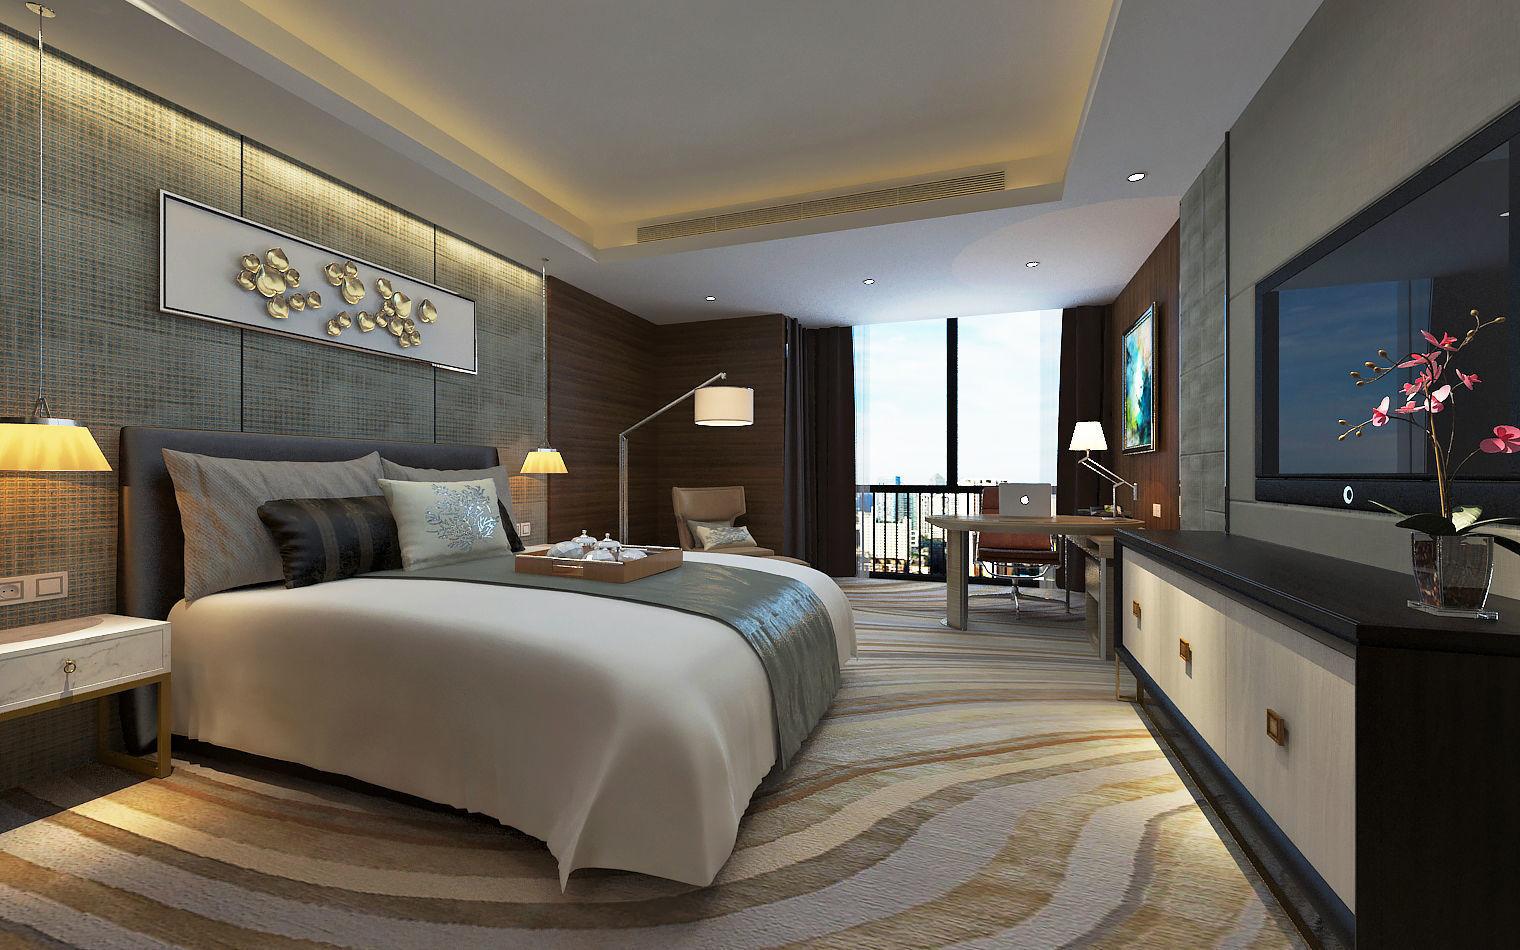 Modern Luxury Hotel Room Design  9D model